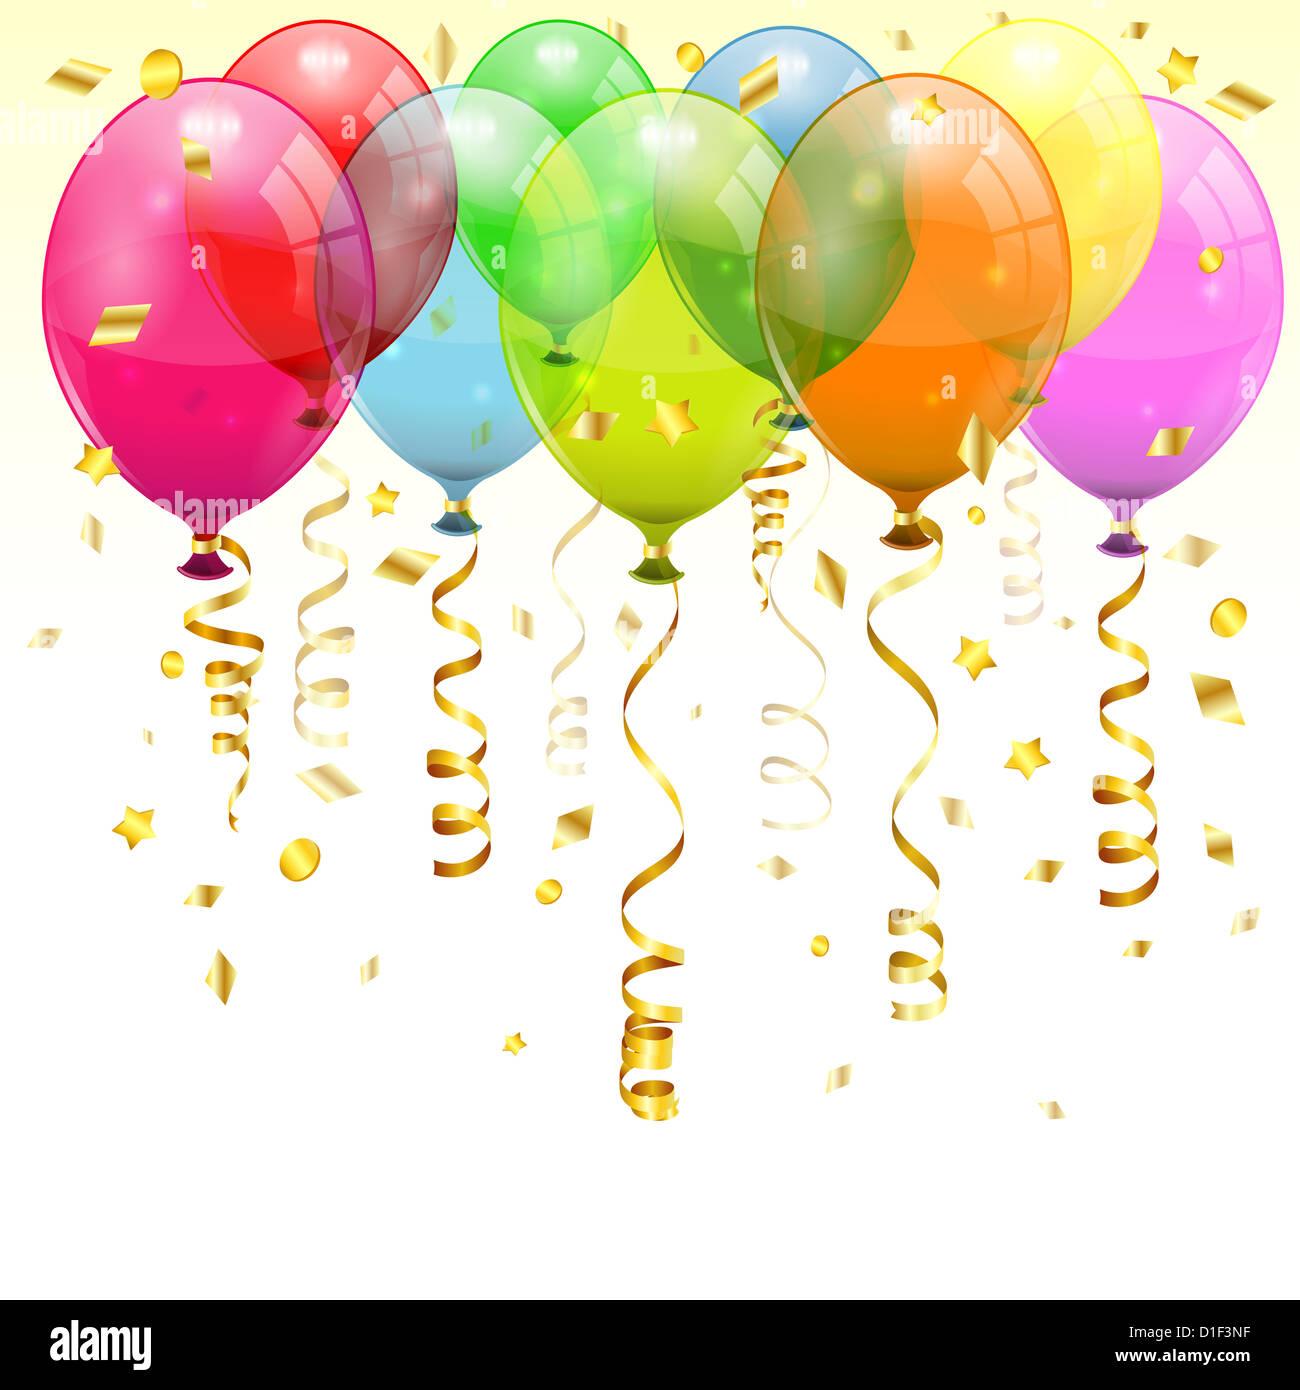 Geburtstag Hintergrund Mit 3d Transparent Geburtstag Luftballons Und